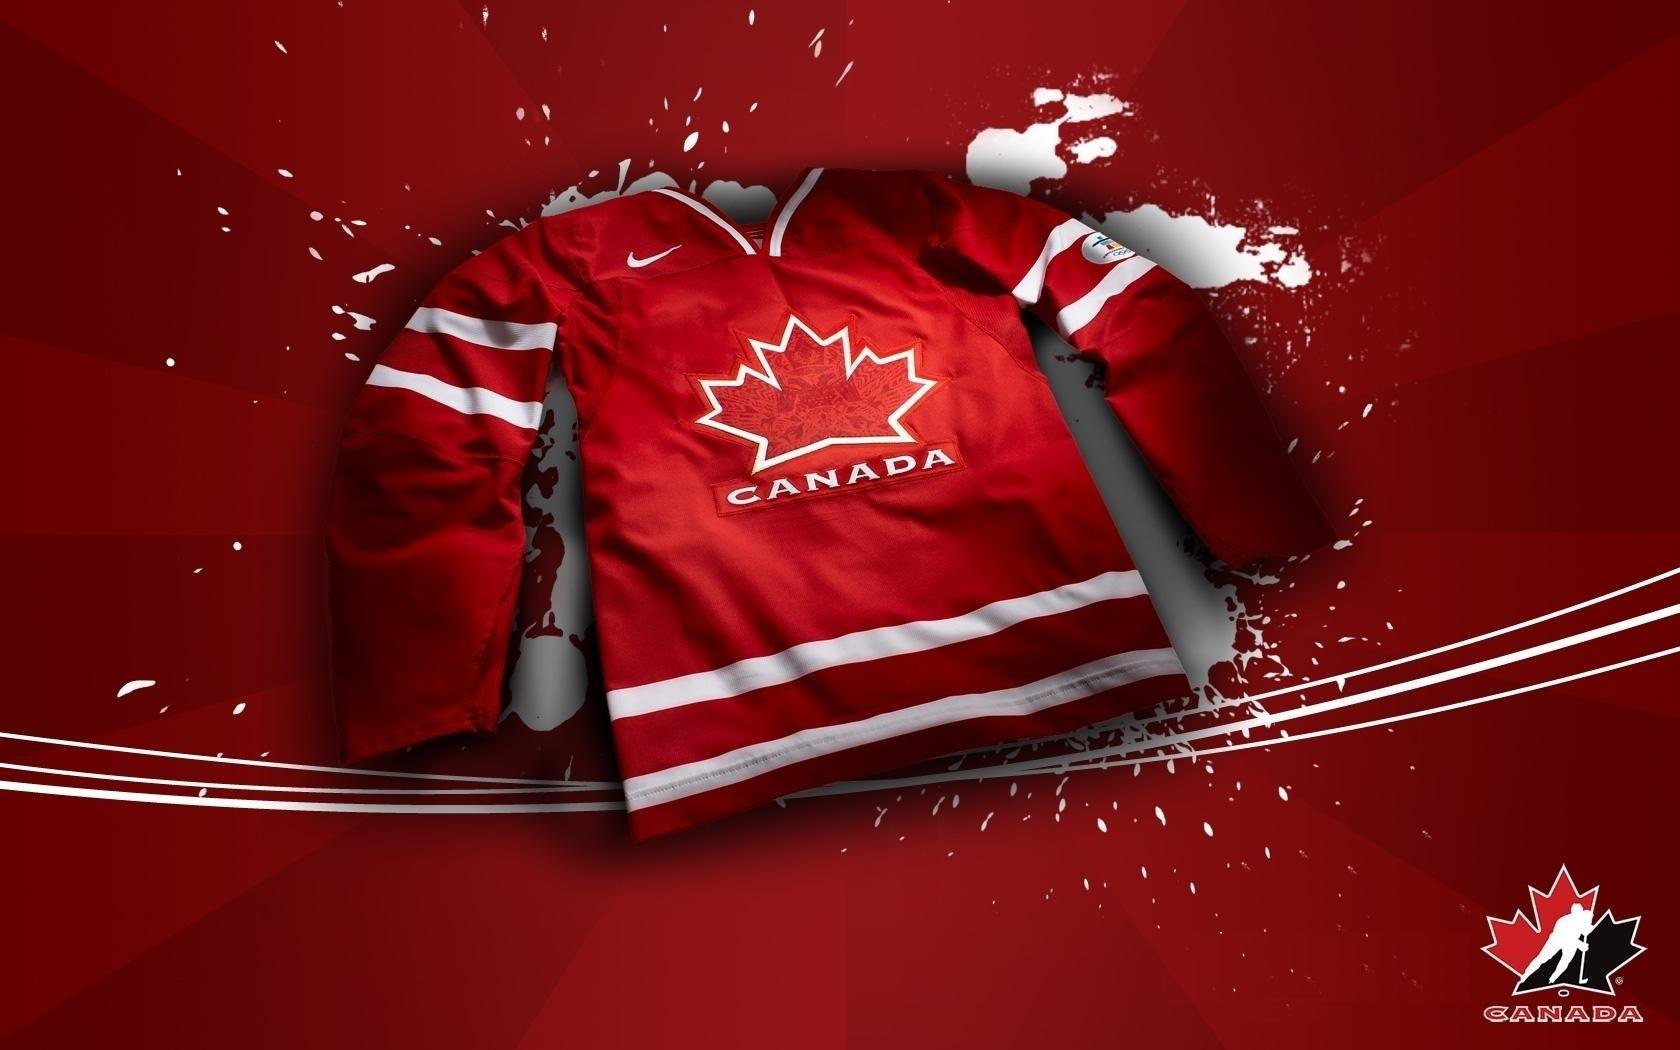 хоккей, Канада, фото, обои для рабочего стола, скачать бесплатно